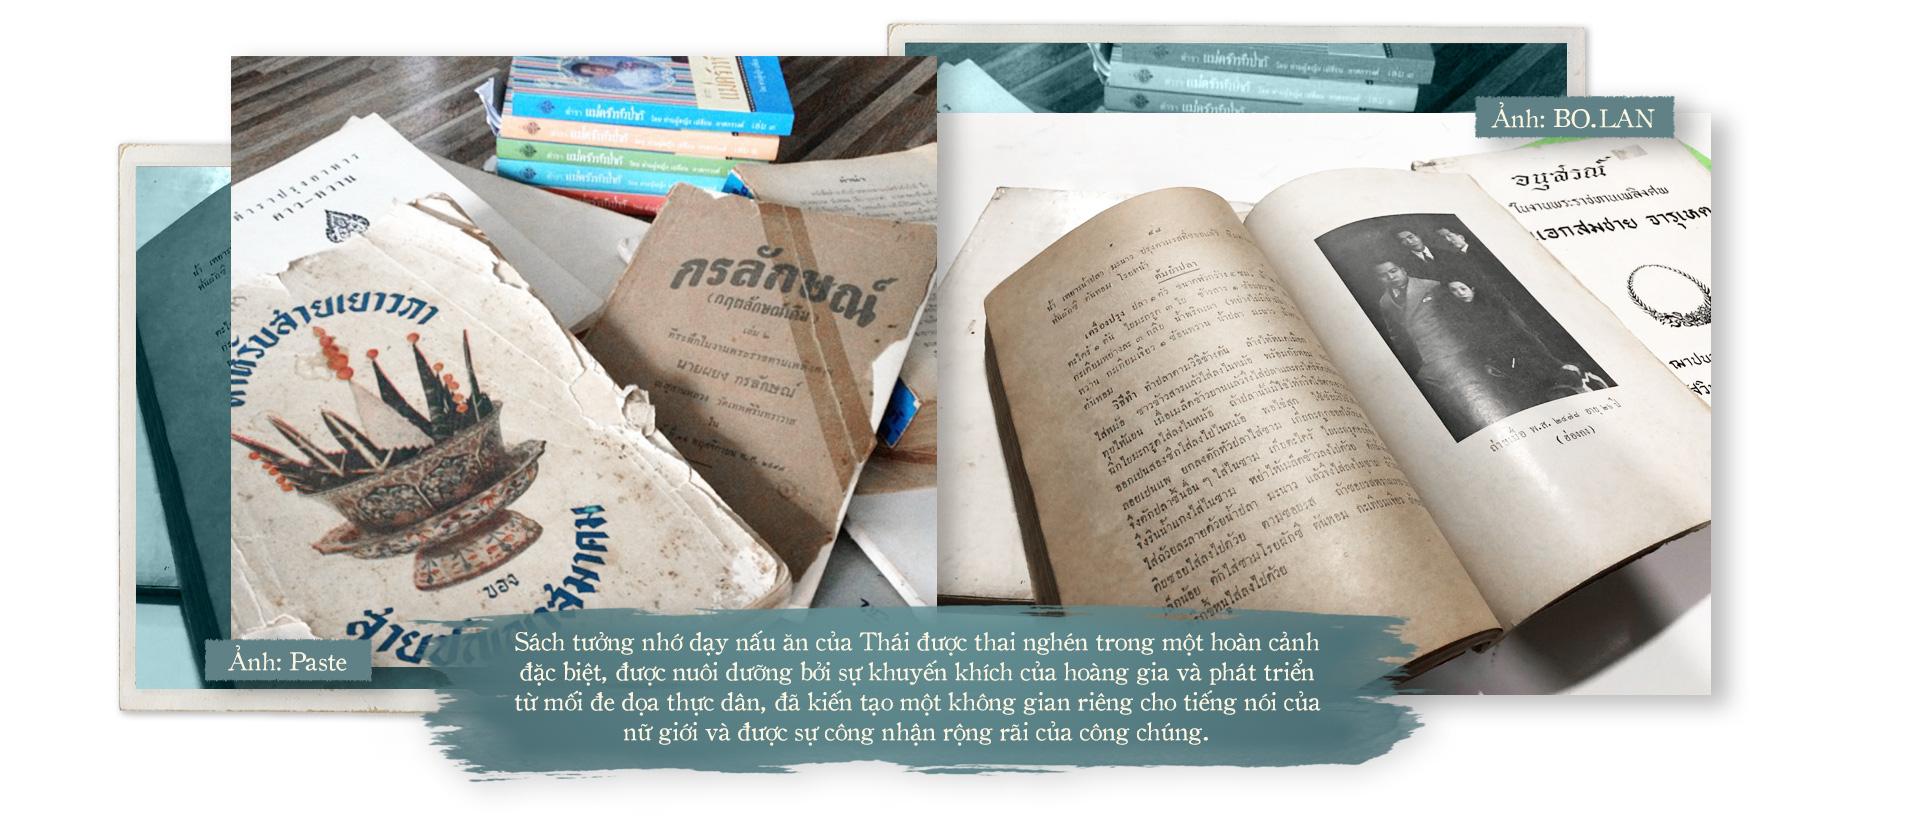 Sách tưởng nhớ: Lưu ký ức, giữ gìn bí quyết nấu ăn - Ảnh 4.